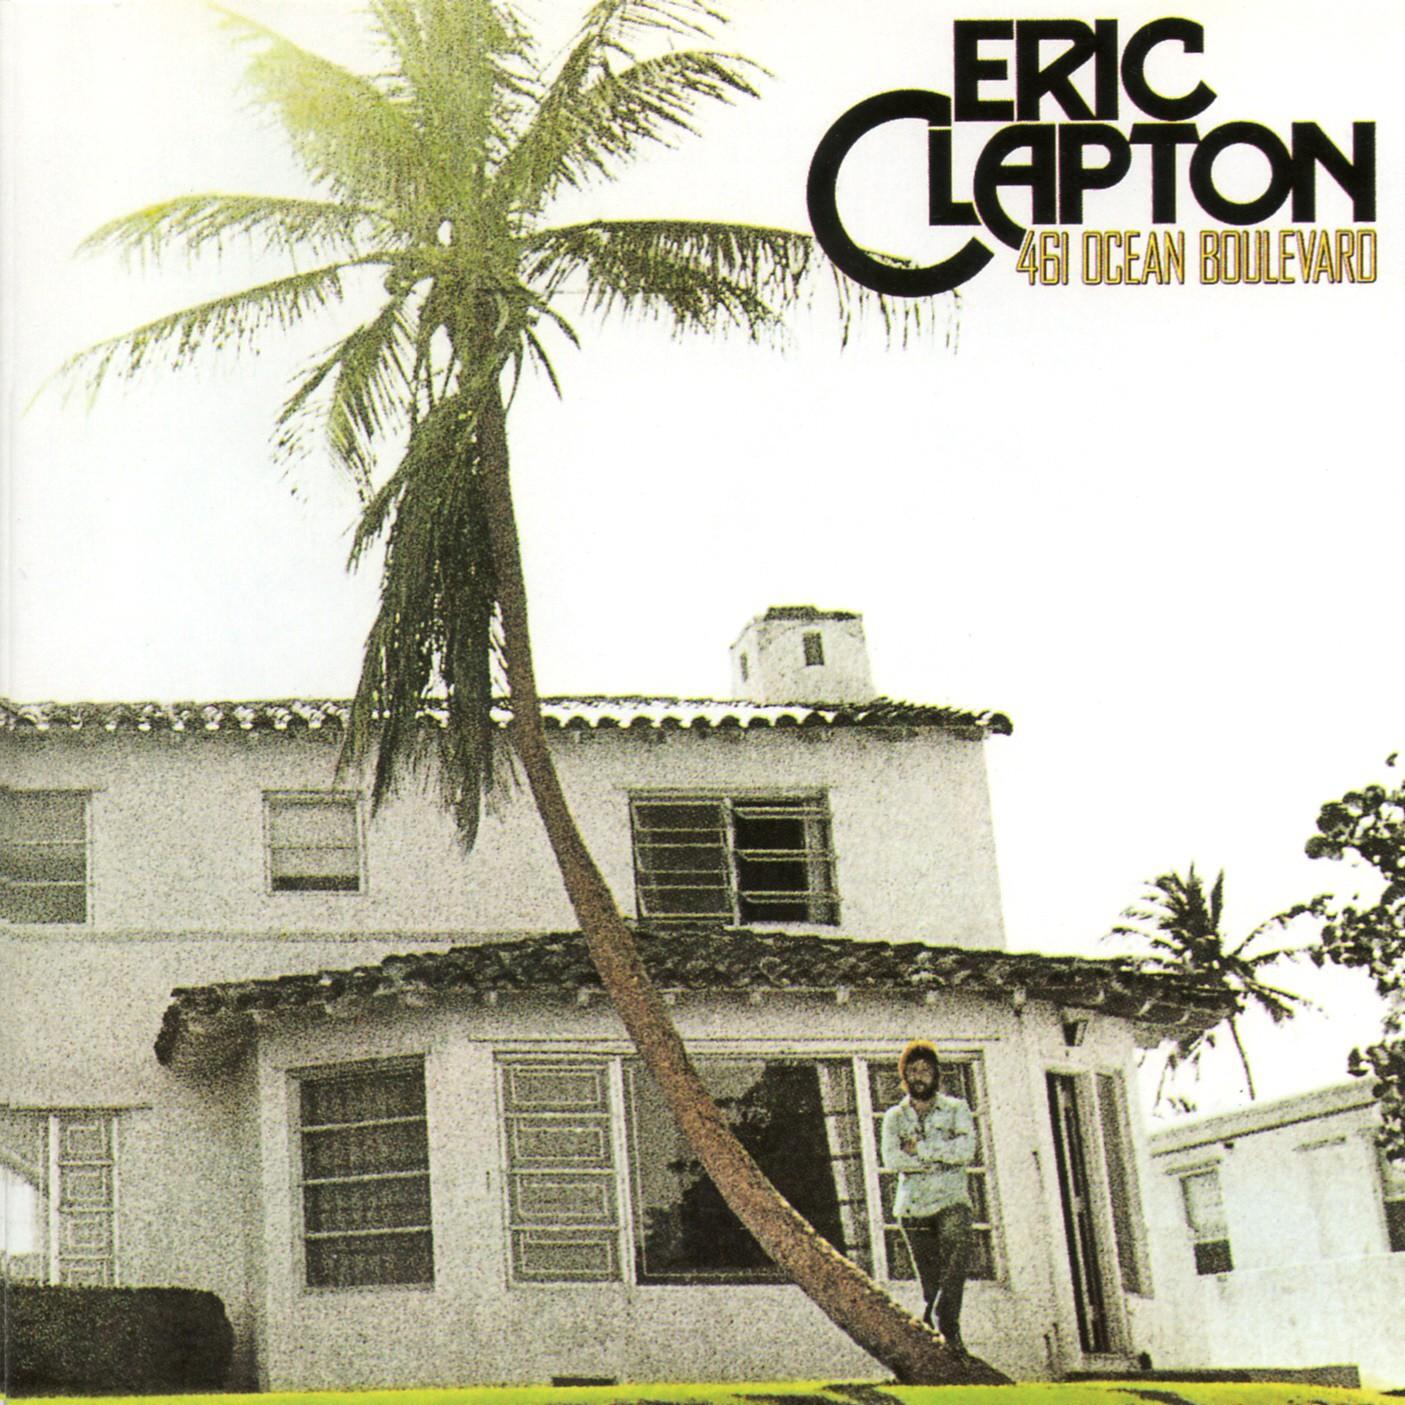 Eric Clapton 461 Ocean Boulevard Viva Vinyl Viva Vinyl